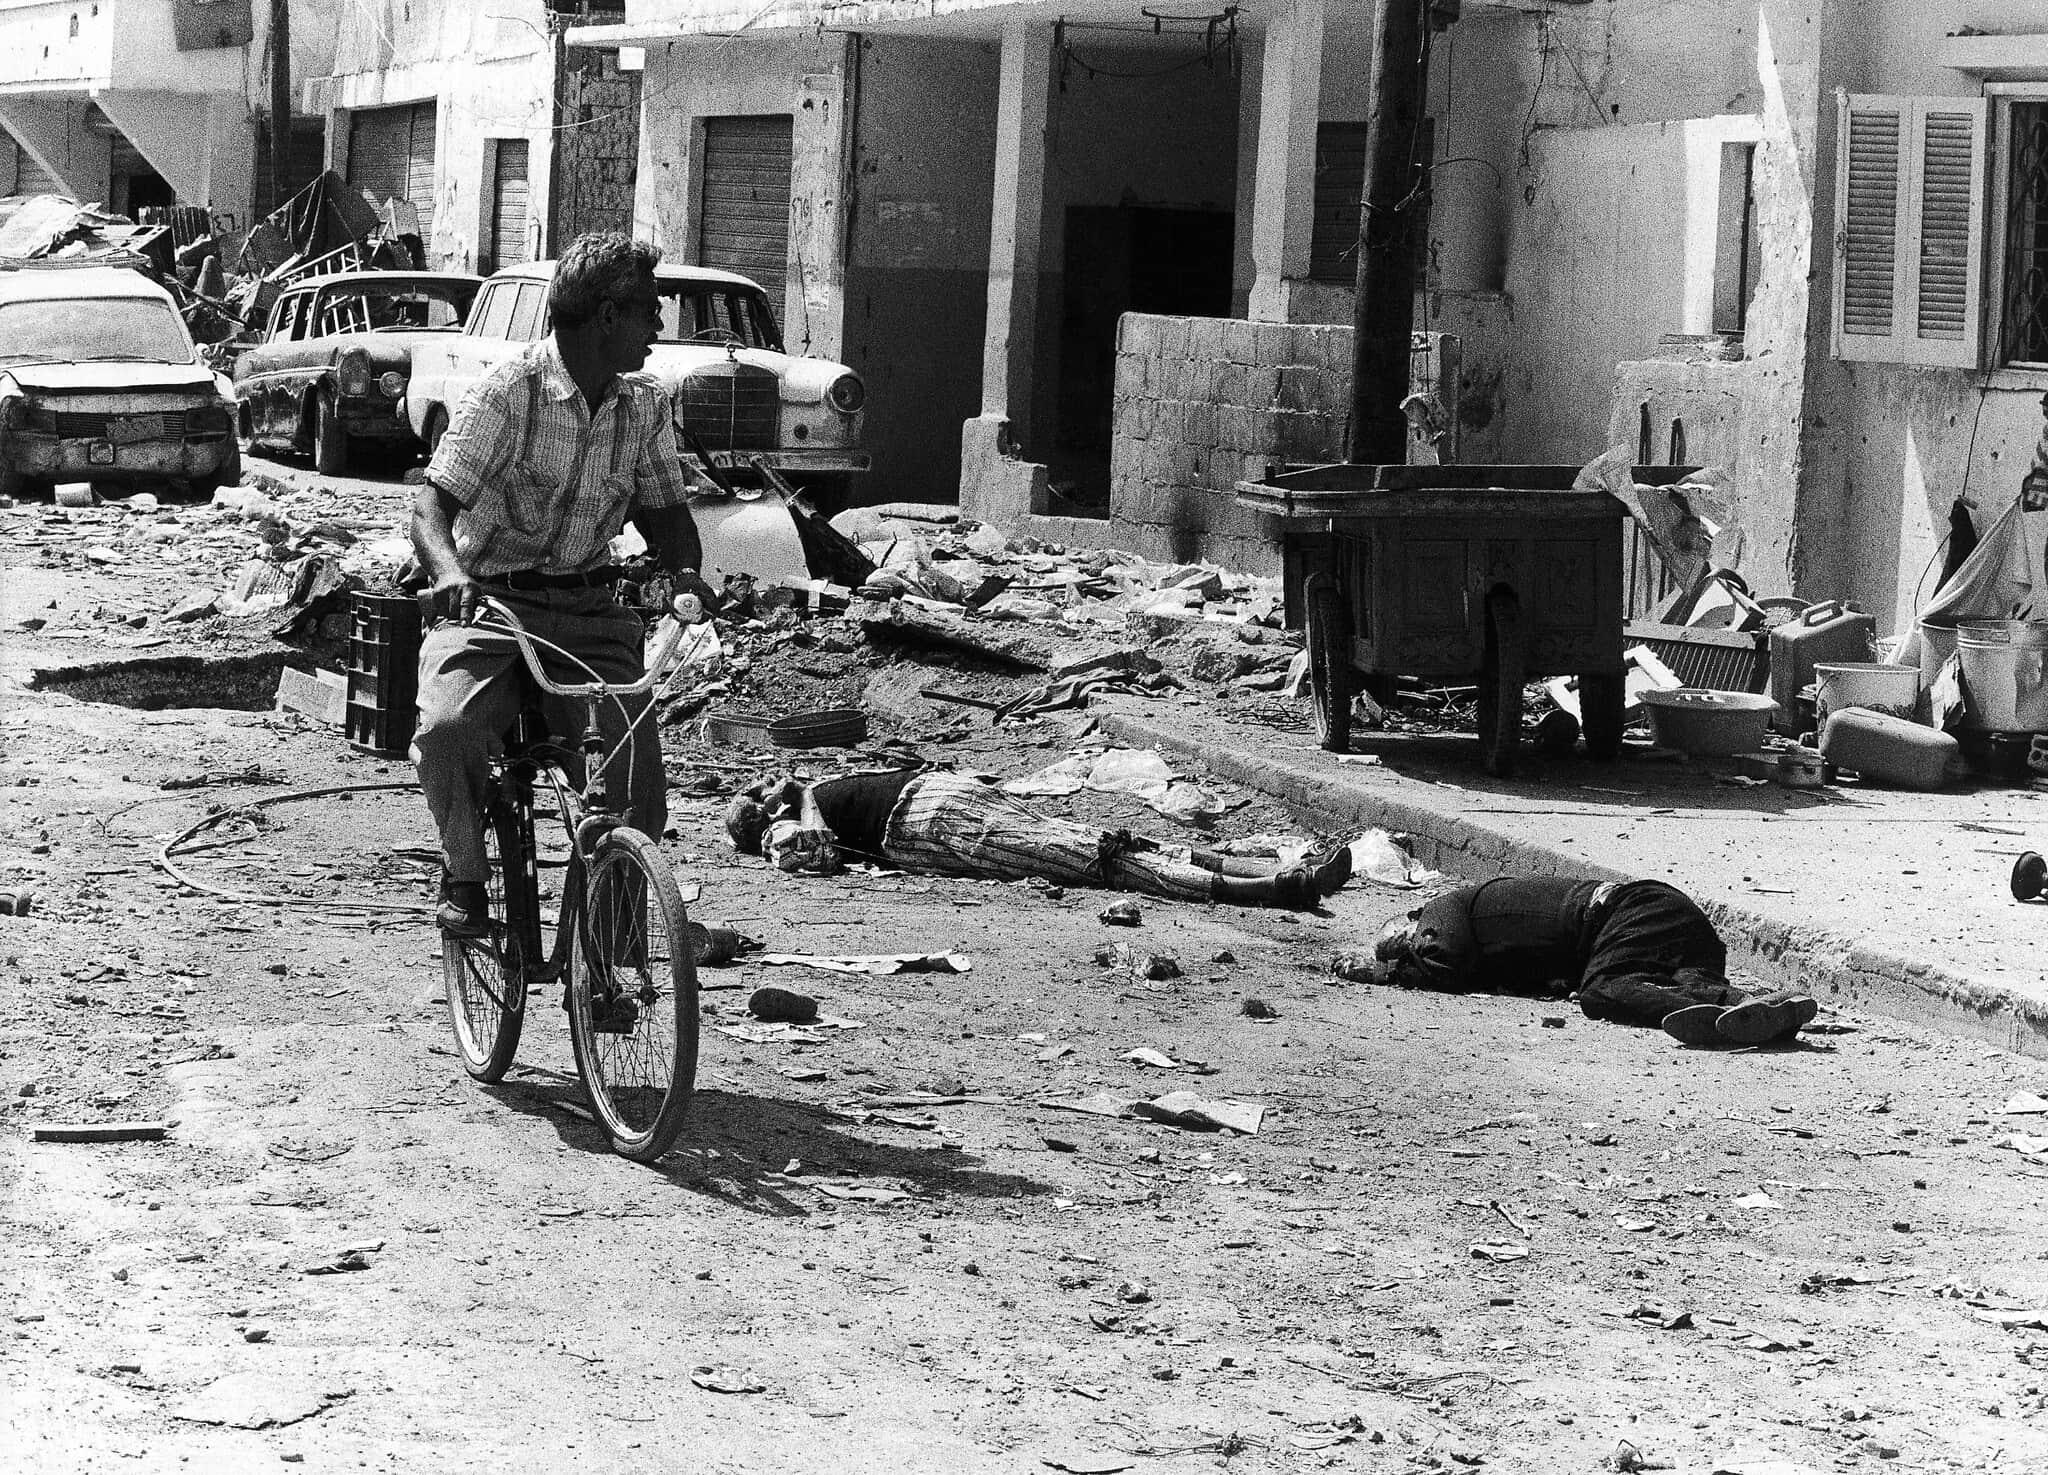 אזרח לבנוני רוכב על אופניים דרך המחנה הפלסטיני בסברה, מערב ביירות, 18 בספטמבר 1982 (צילום: AP Photo)